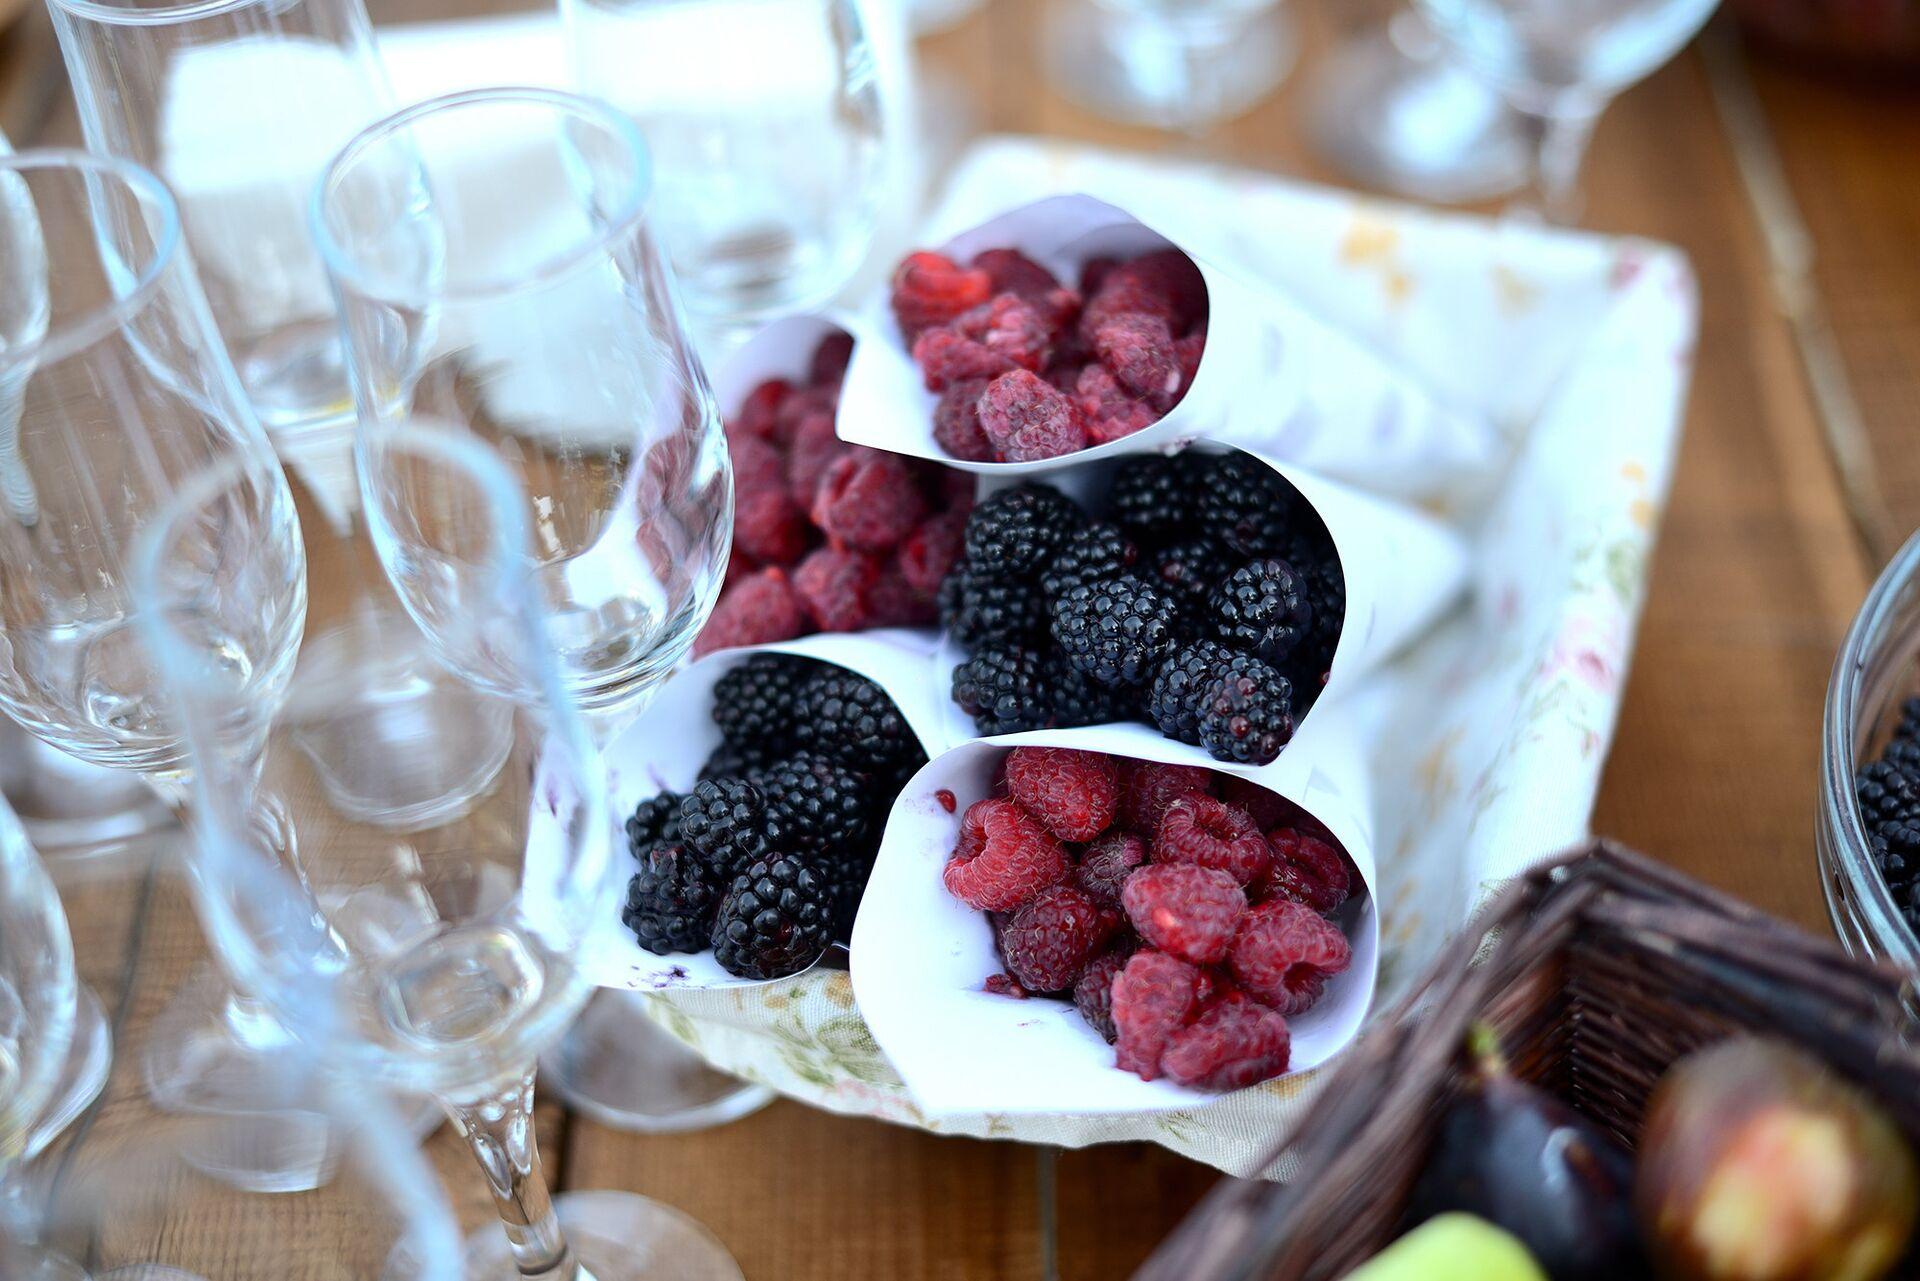 Лесные ягоды на праздничном столе - Sputnik Грузия, 1920, 28.09.2021